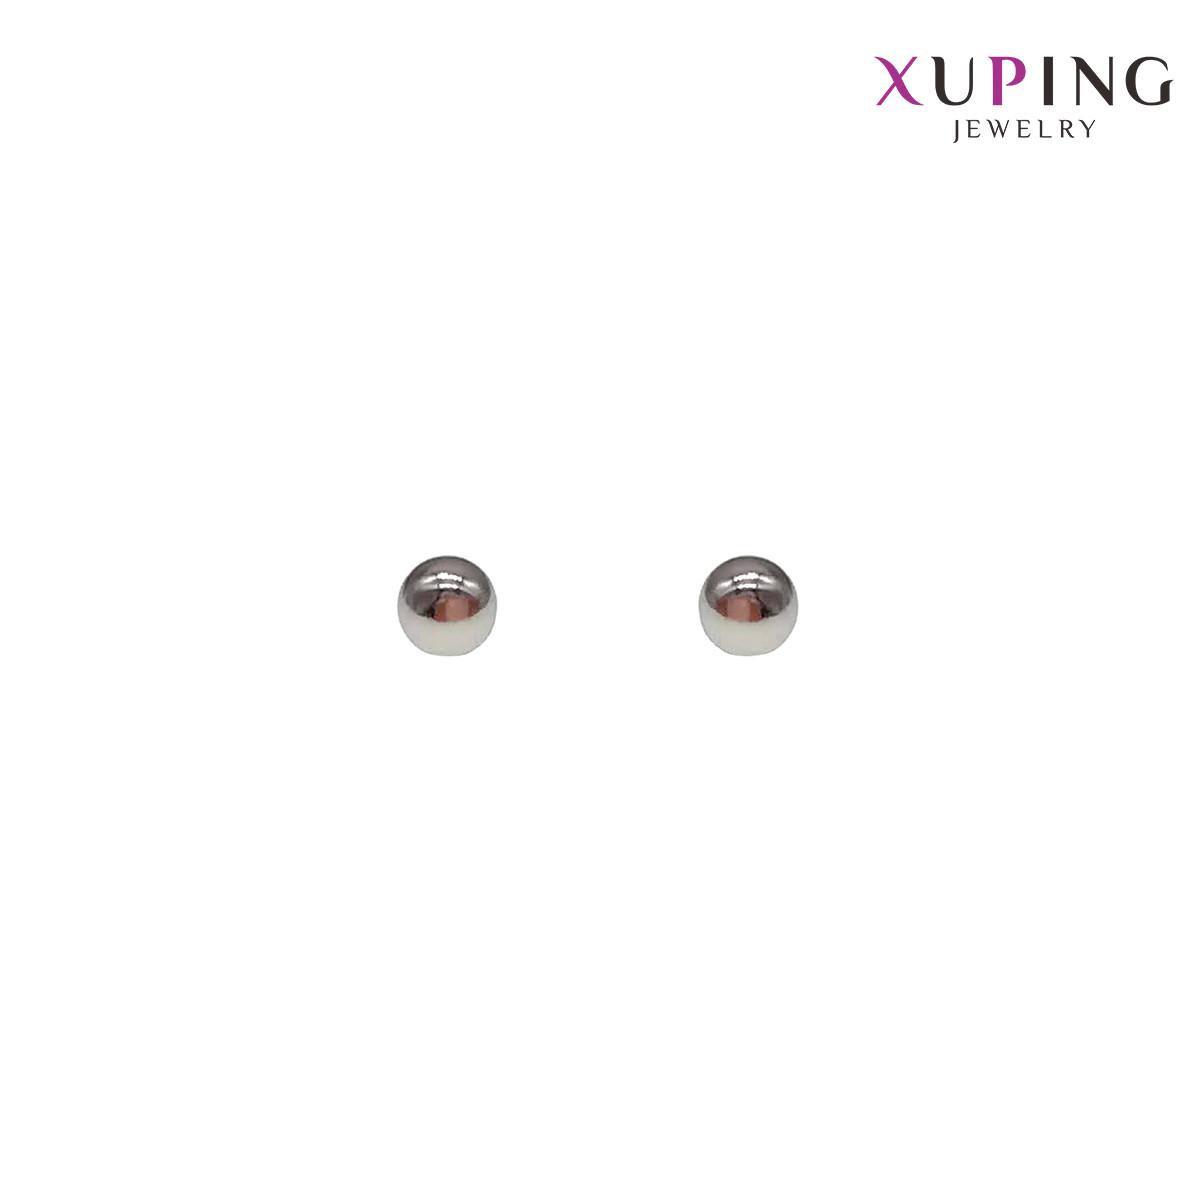 Сережки Xuping гвоздики, розмір 2,5х2,5 мм, вага 0,9 м, родій (біле золото), ХР00718 (1)